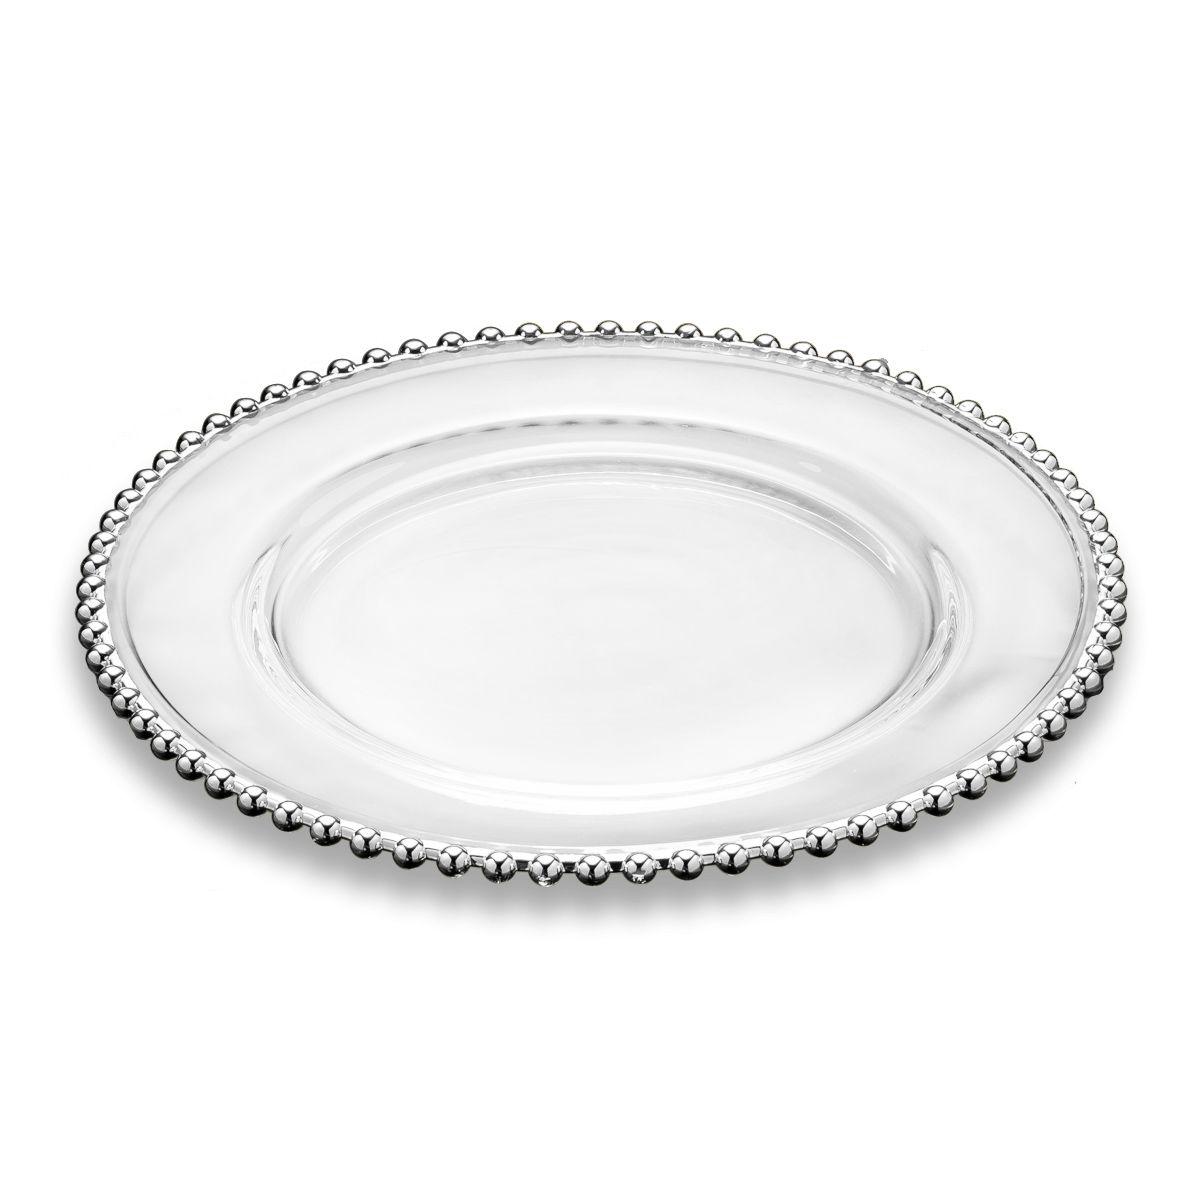 Sousplat 31,5 cm de cristal transparente com borda prateada Pearl Wolff - 2921